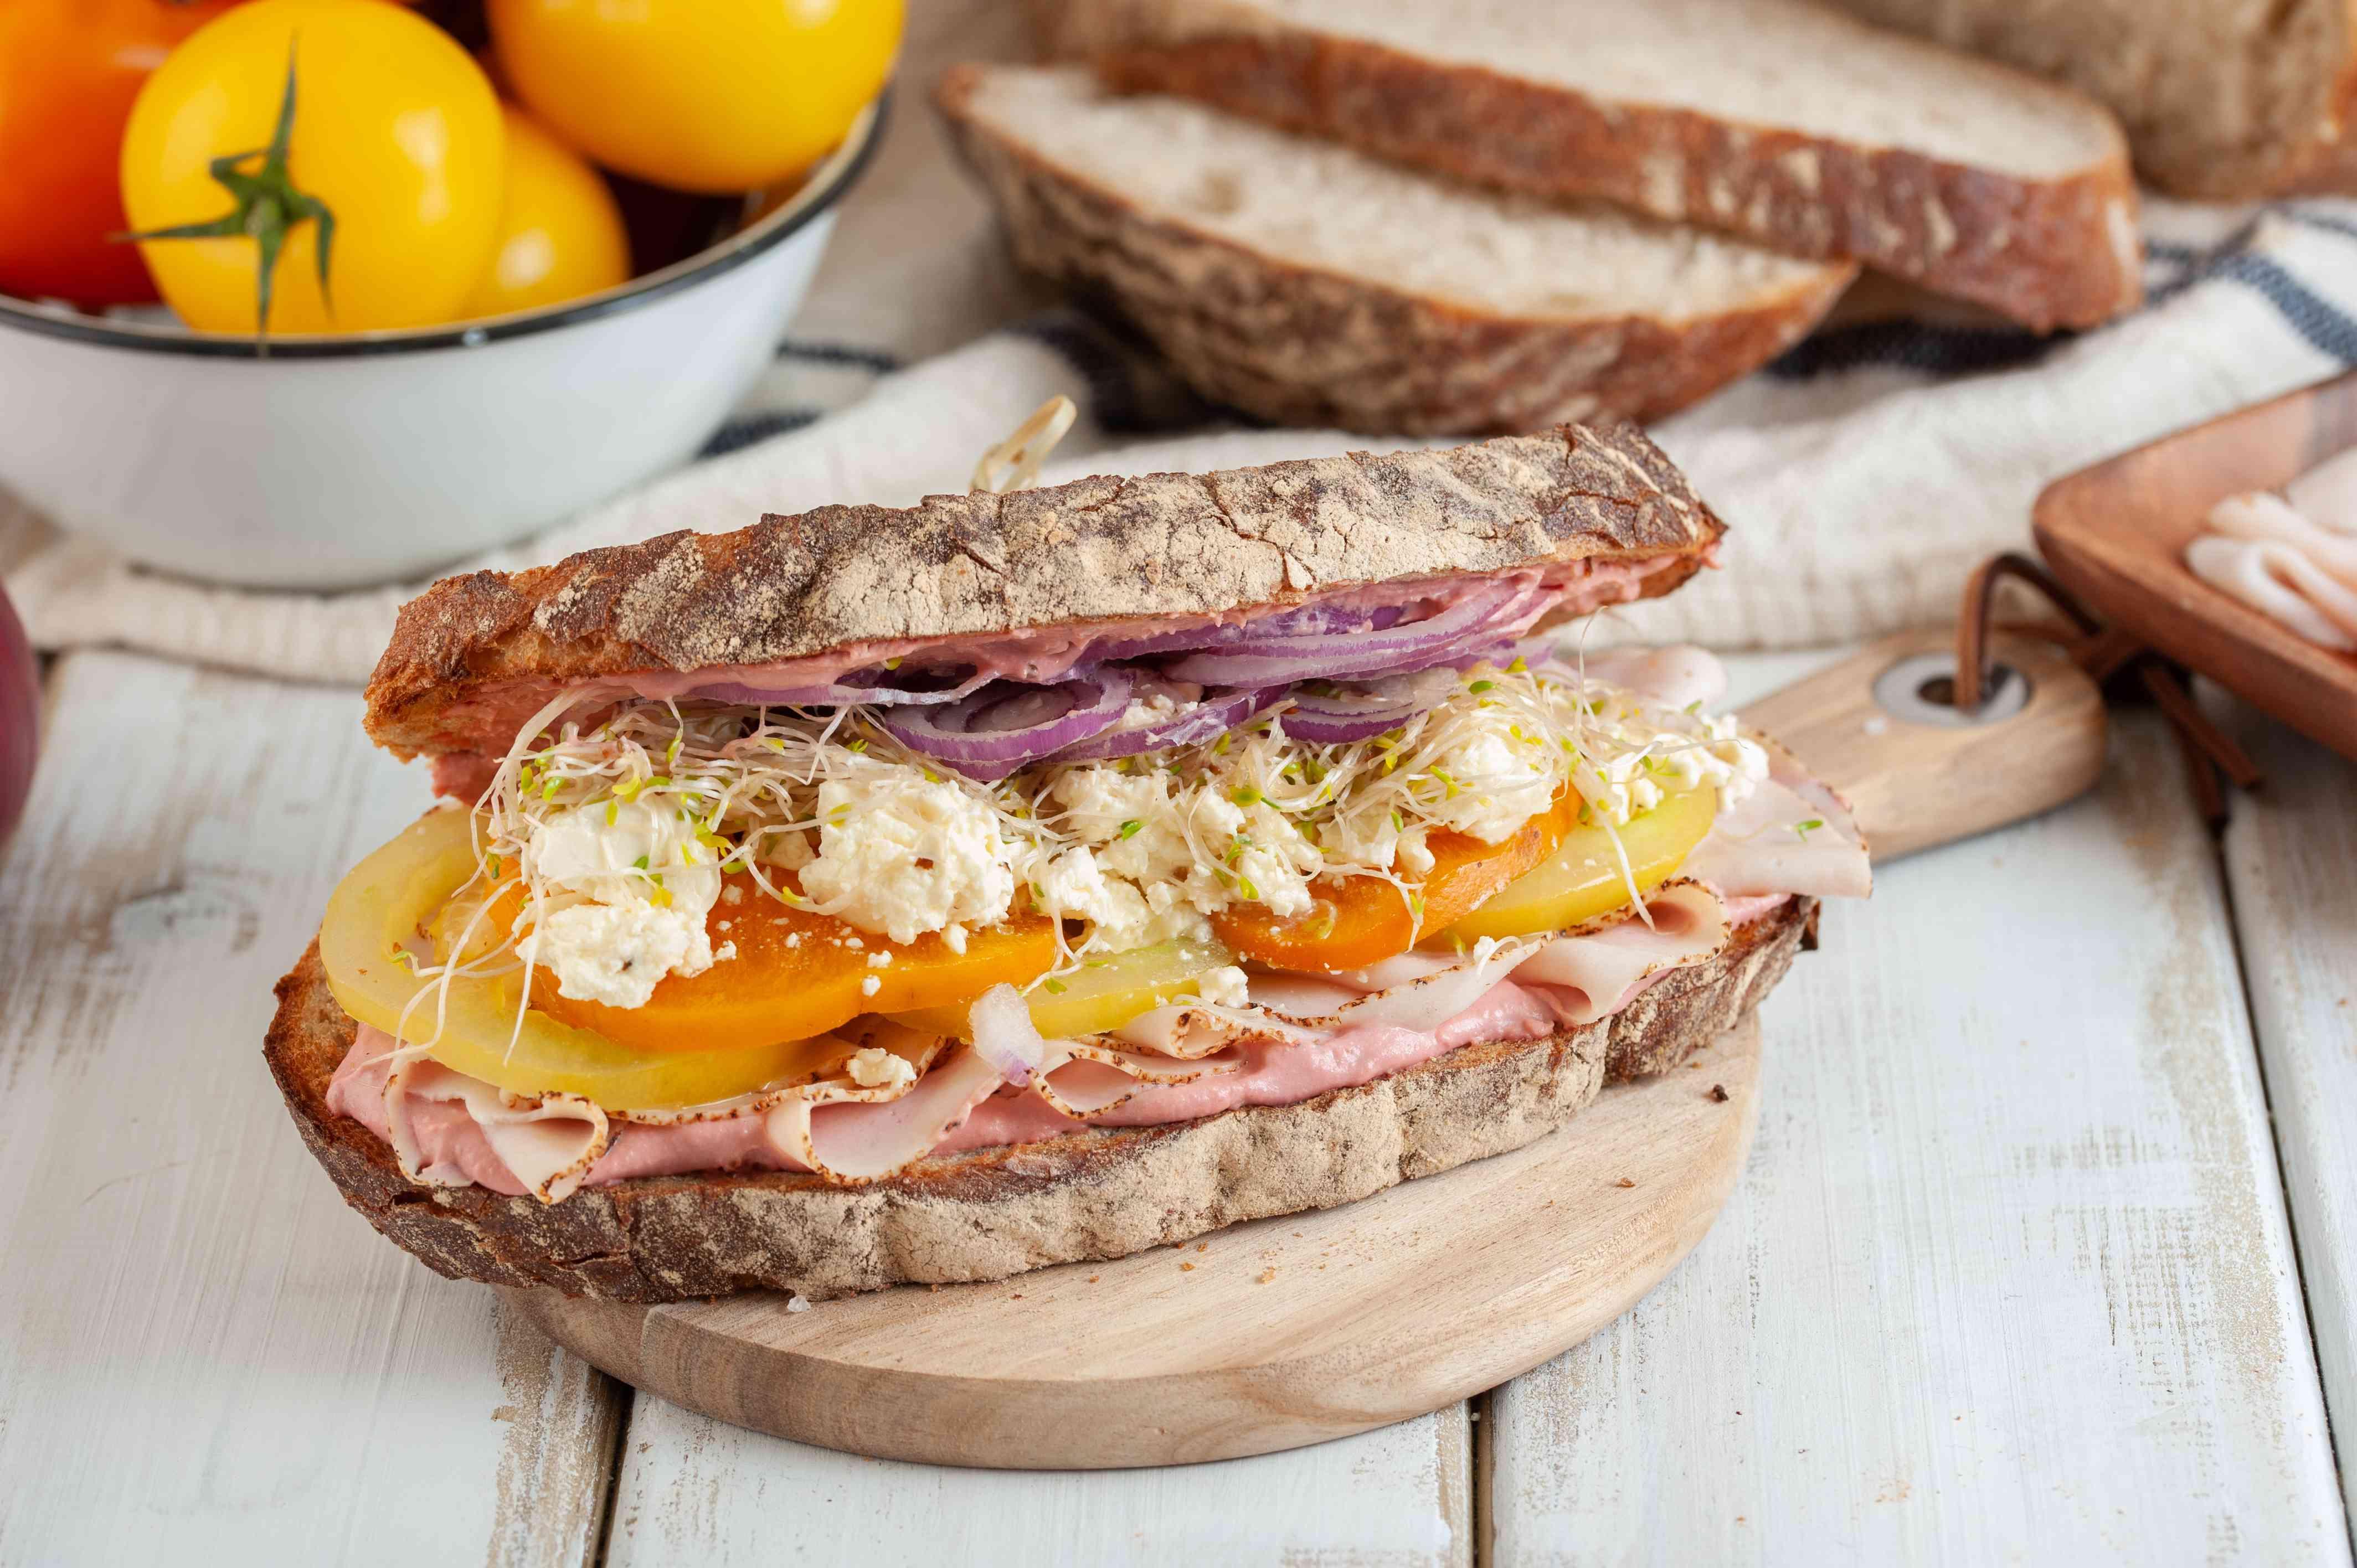 Turkey and hummus sandwich